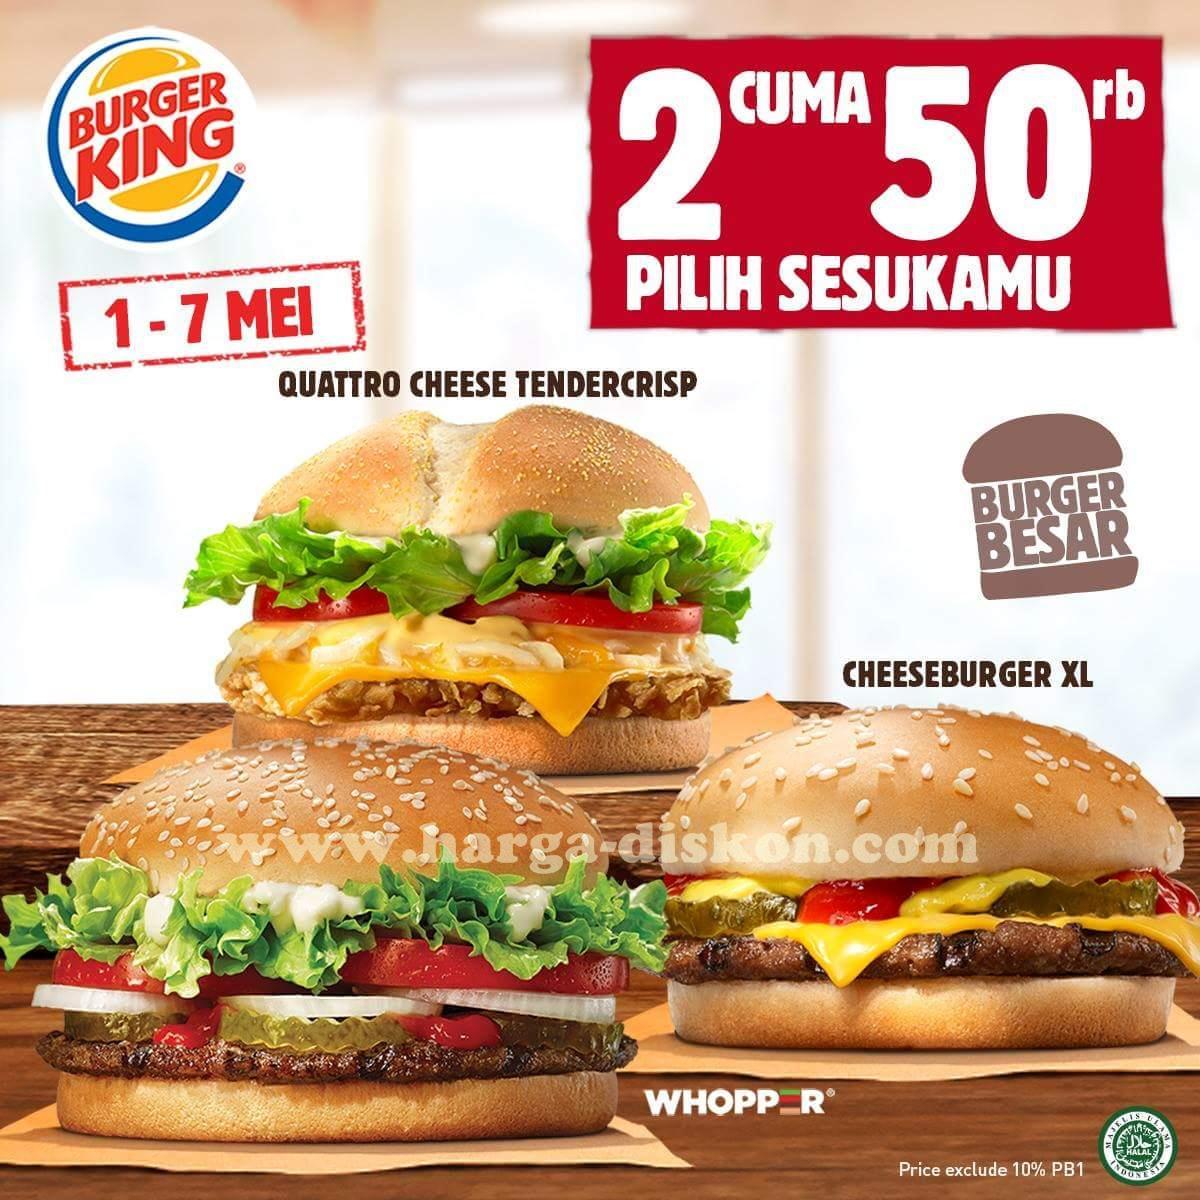 Promo Burger King Terbaru 2 Burger Hanya Rp50 000 Periode 01 07 Mei 2018 News And Talking